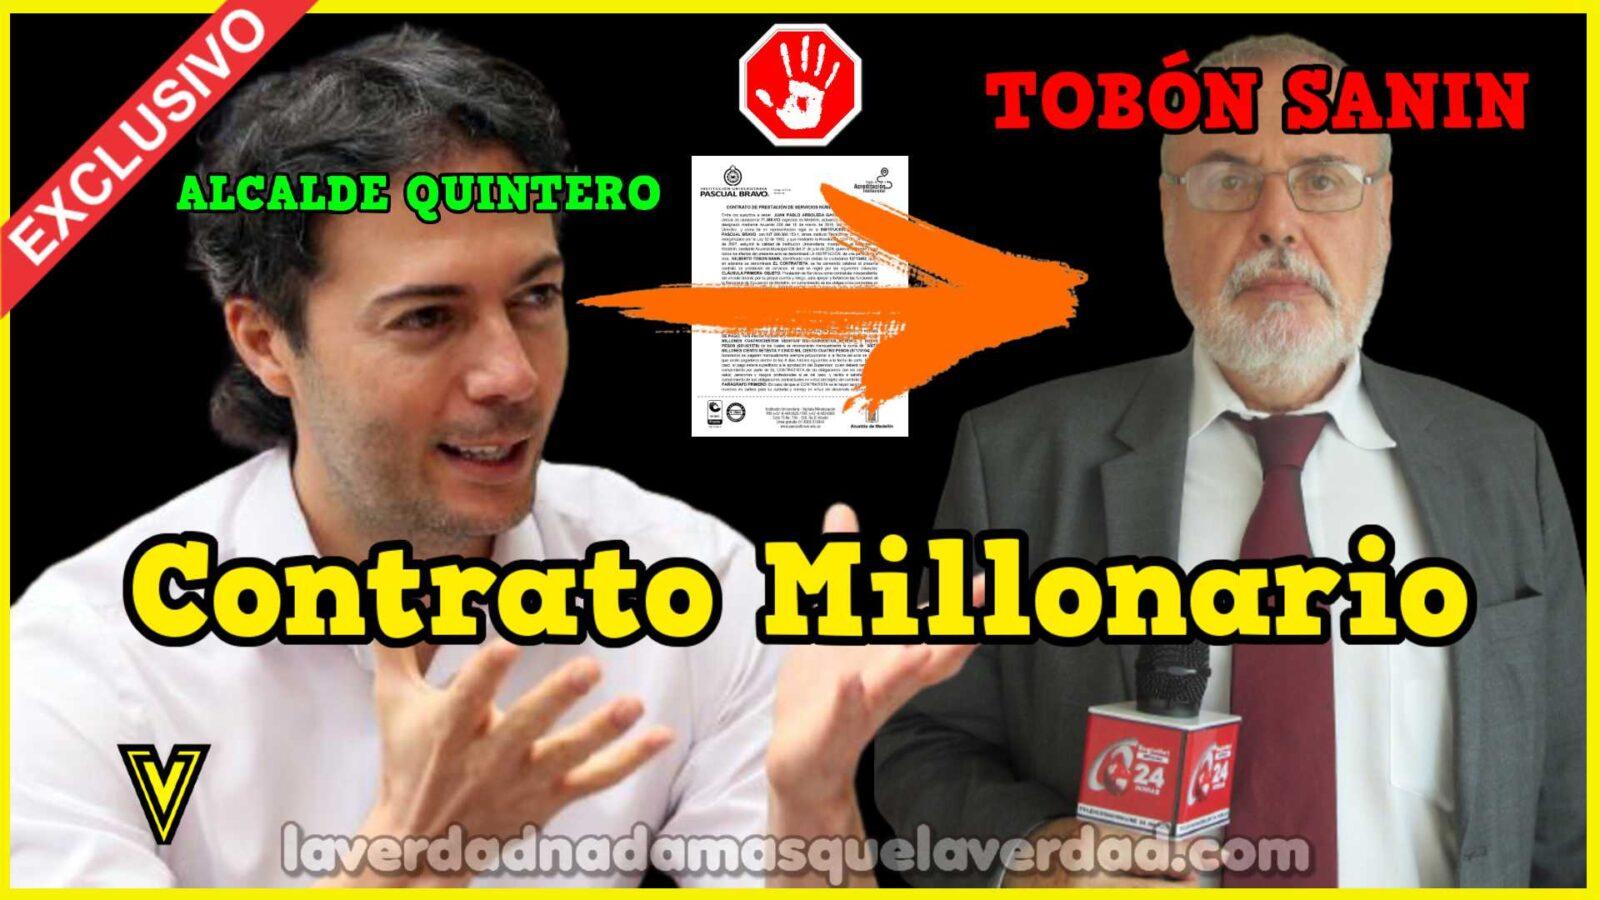 ⛔️ CONTRATO MILLONARIO ⇨ ALCALDE QUINTERO A【 TOBÓN SANIN 】» (NO QUE NO TOBÓN) ✅